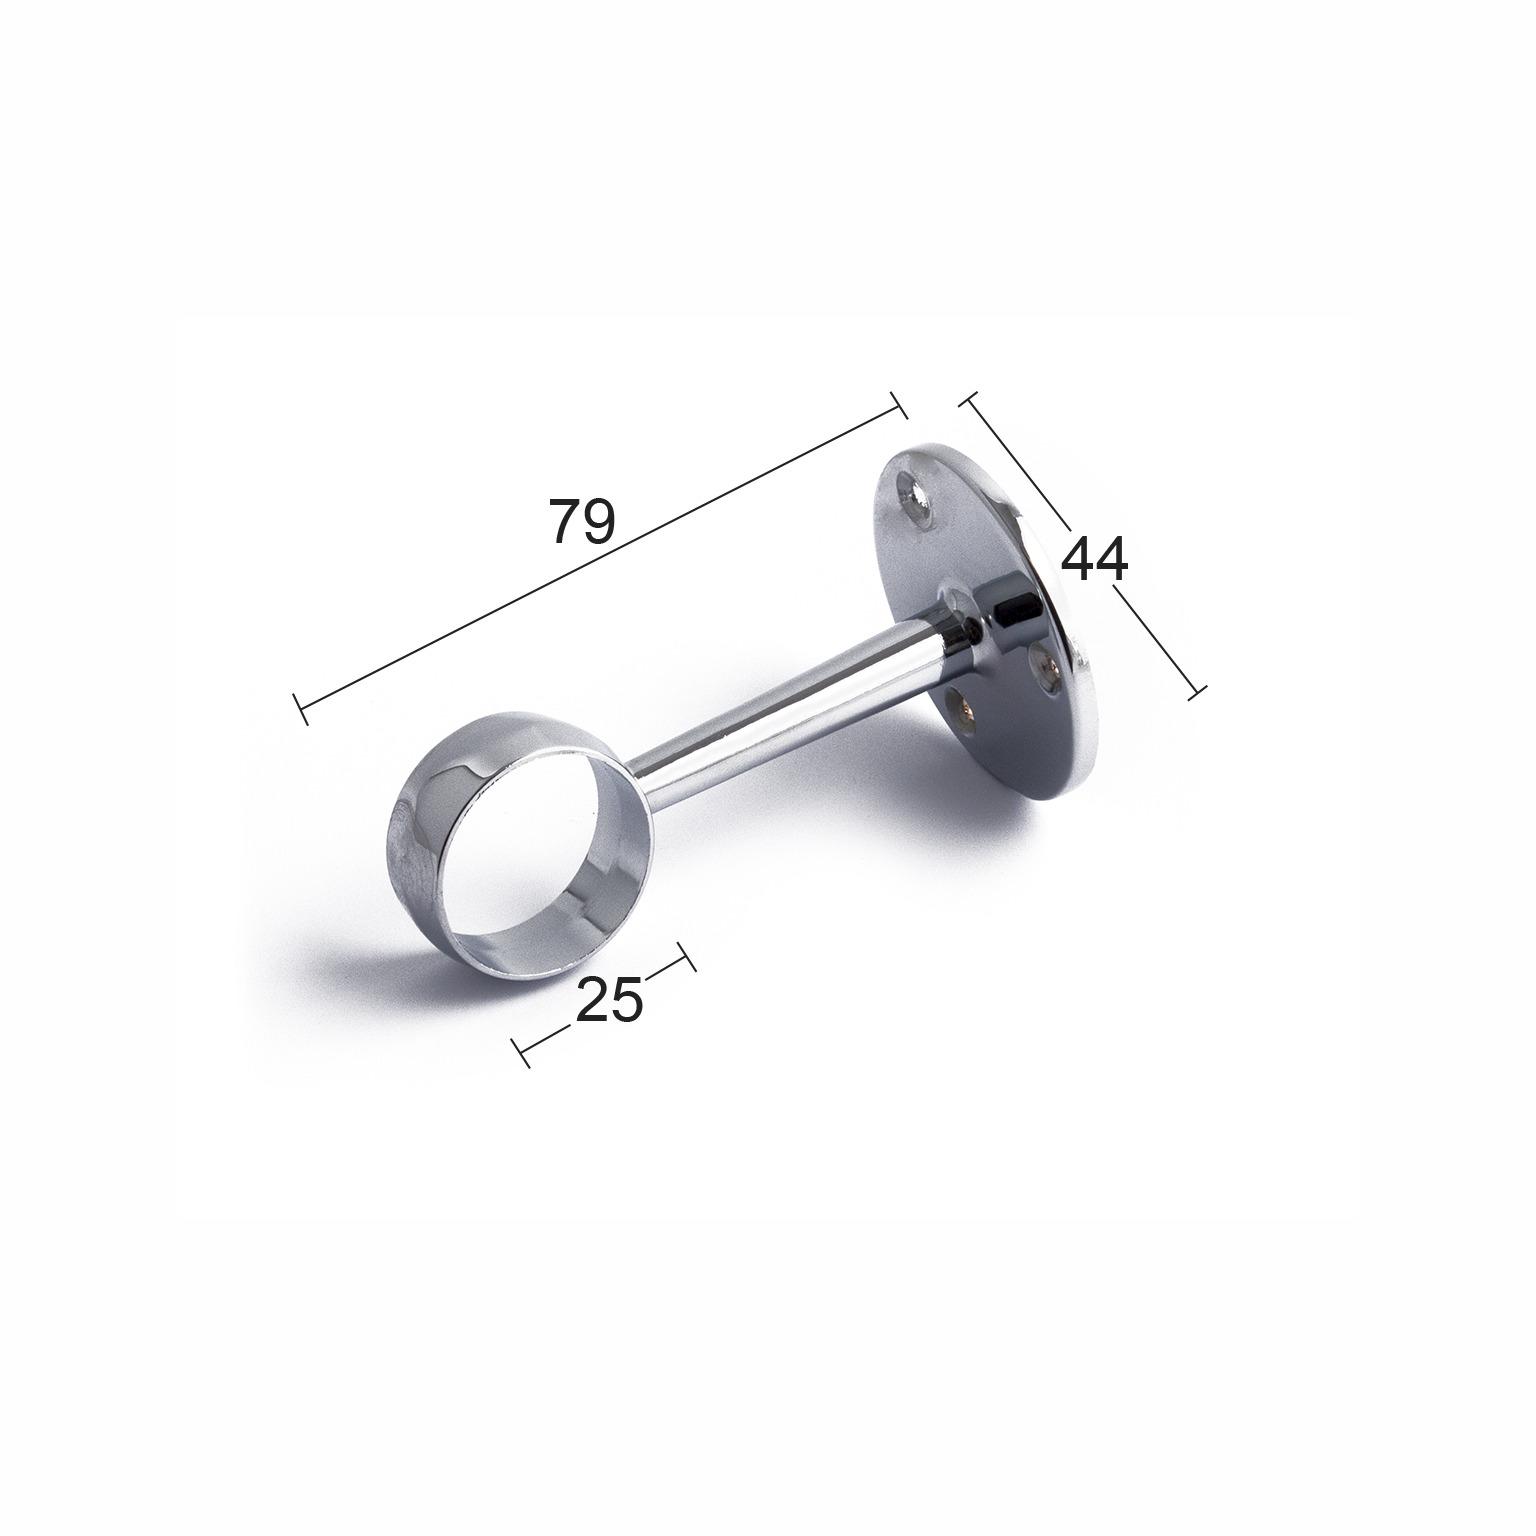 Nya RÖRHÅLLARE 759 ÖPPEN 25MM KROM | Beijer Byggmaterial CJ-49